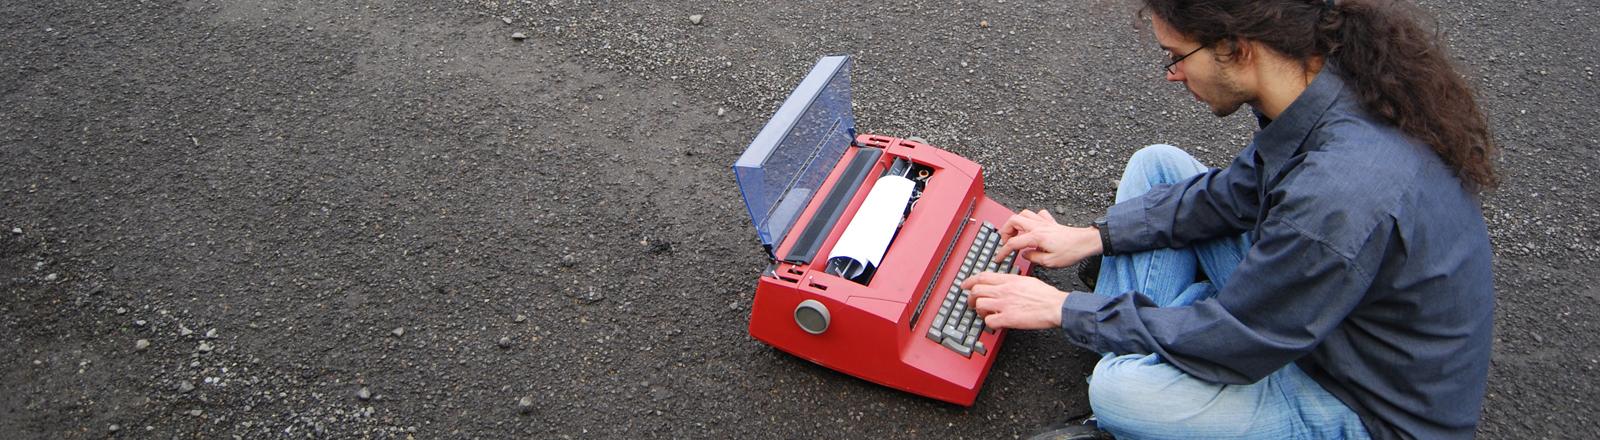 Ein Mann mit Zopf sitzt auf einer Schotterstraße und tippt in eine rote Schreibmaschine.